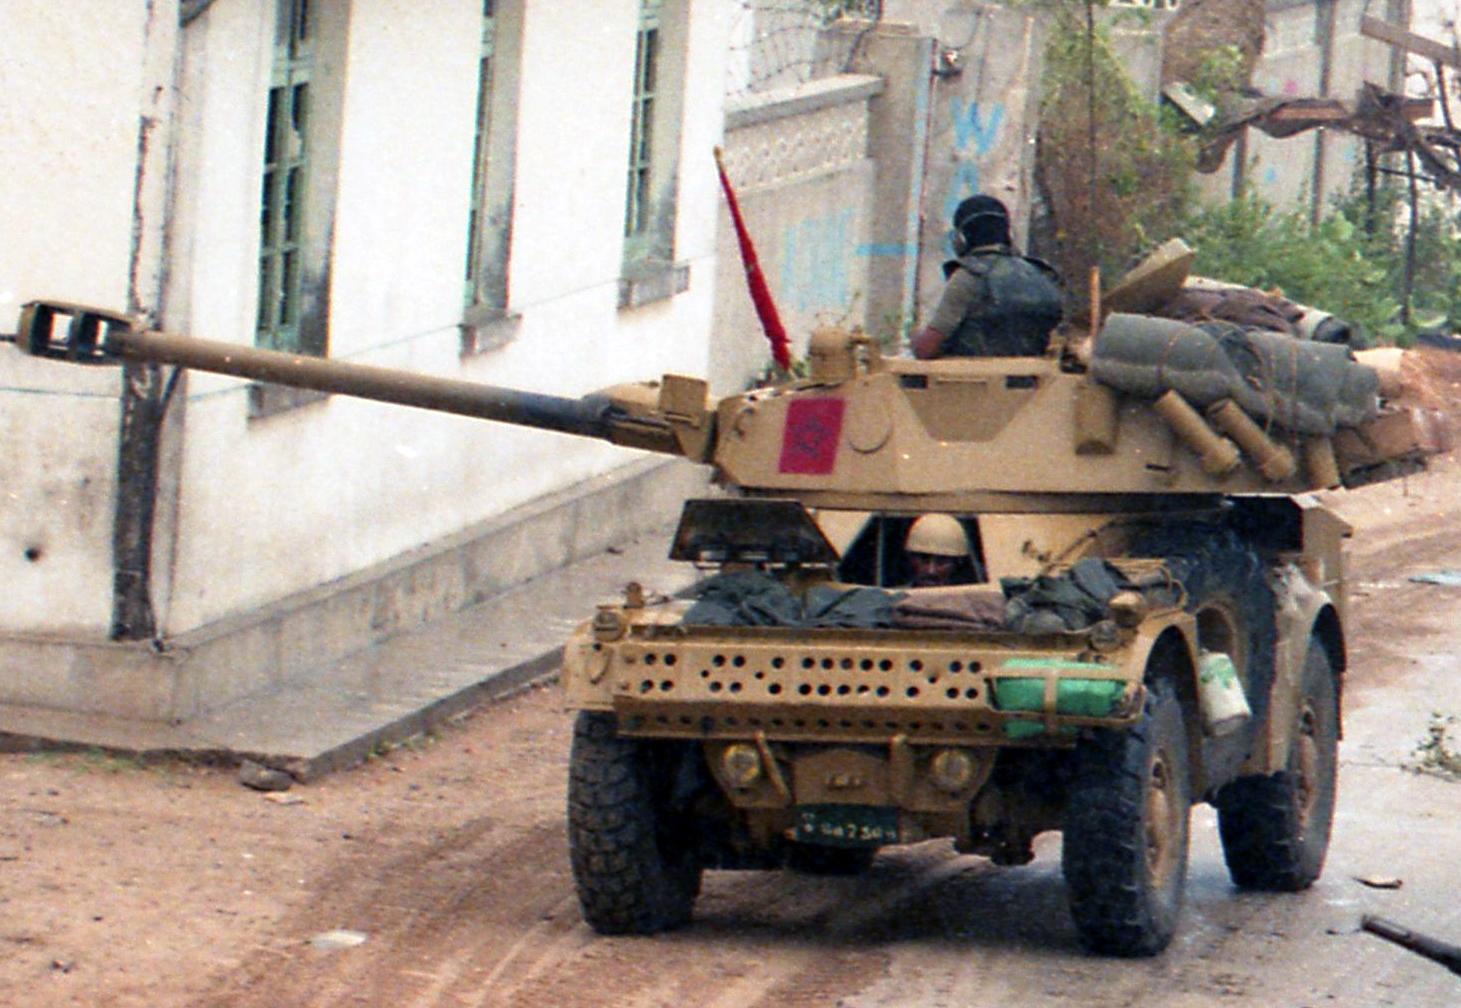 Les FAR en Somalie - Page 2 47056319674_fec44ed5e3_o